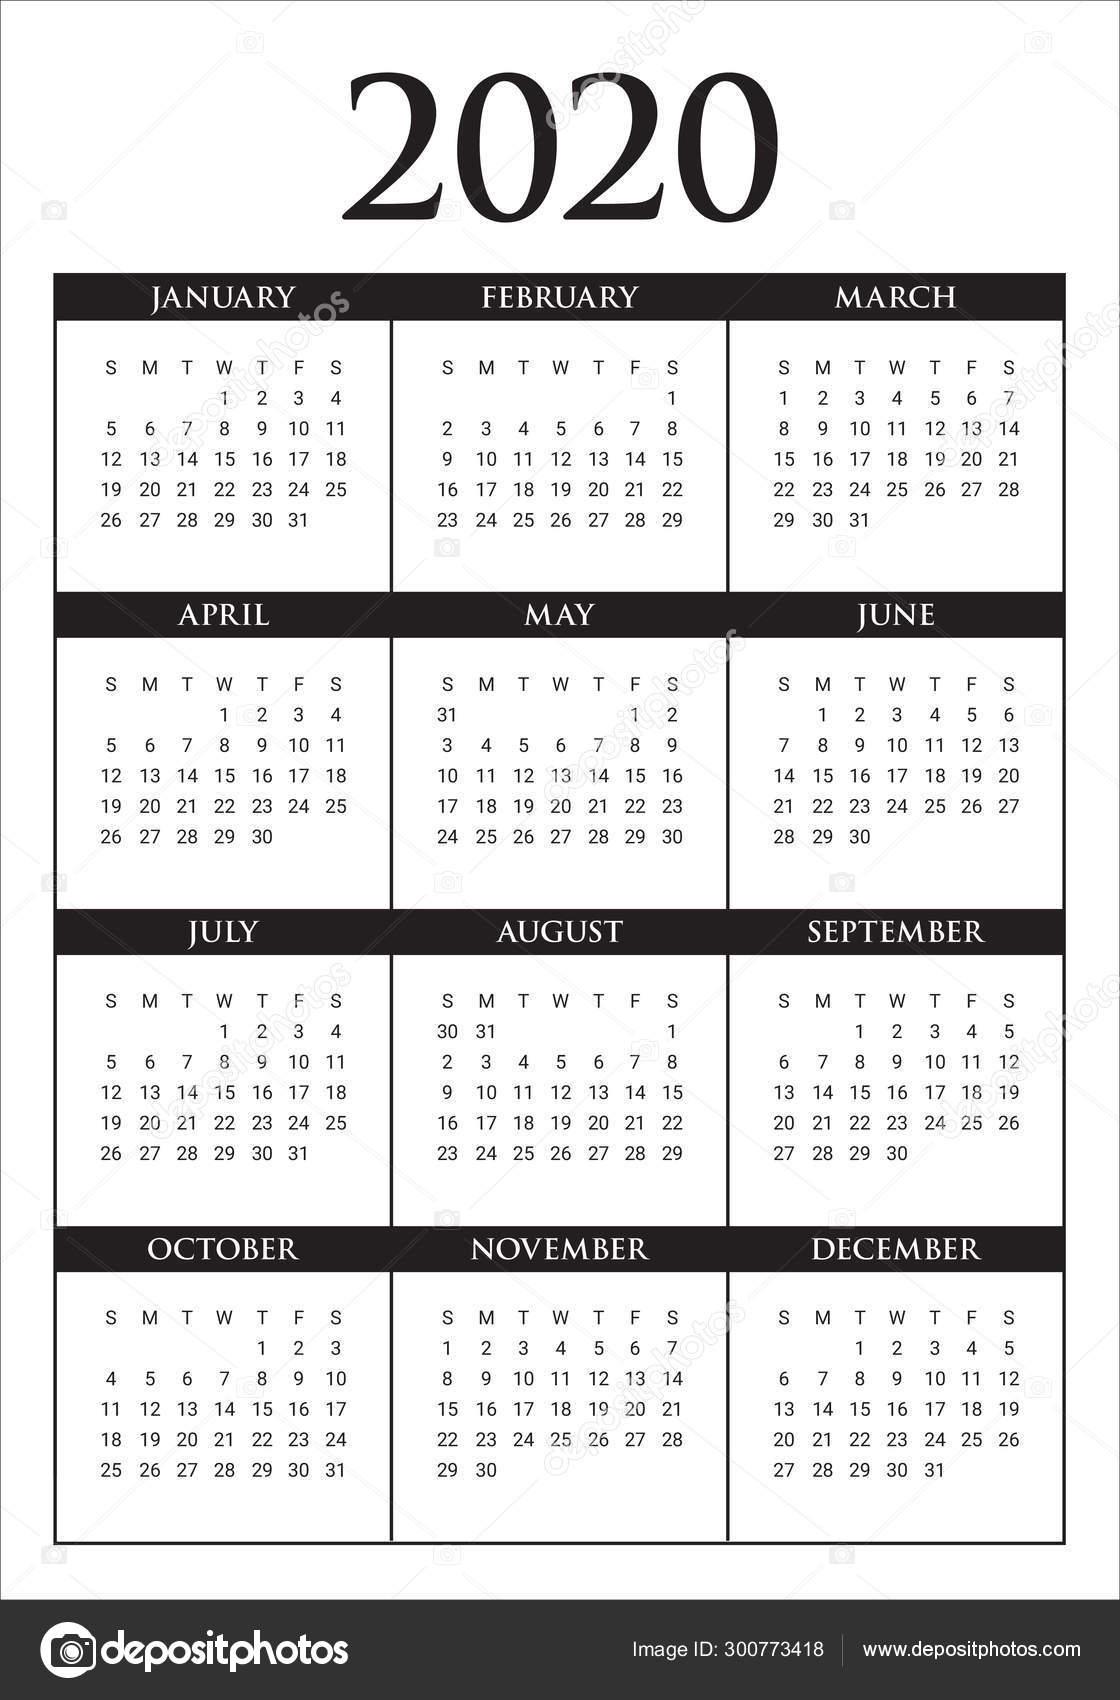 Year 2020 Calendar Vector Design Template — Stock Vector